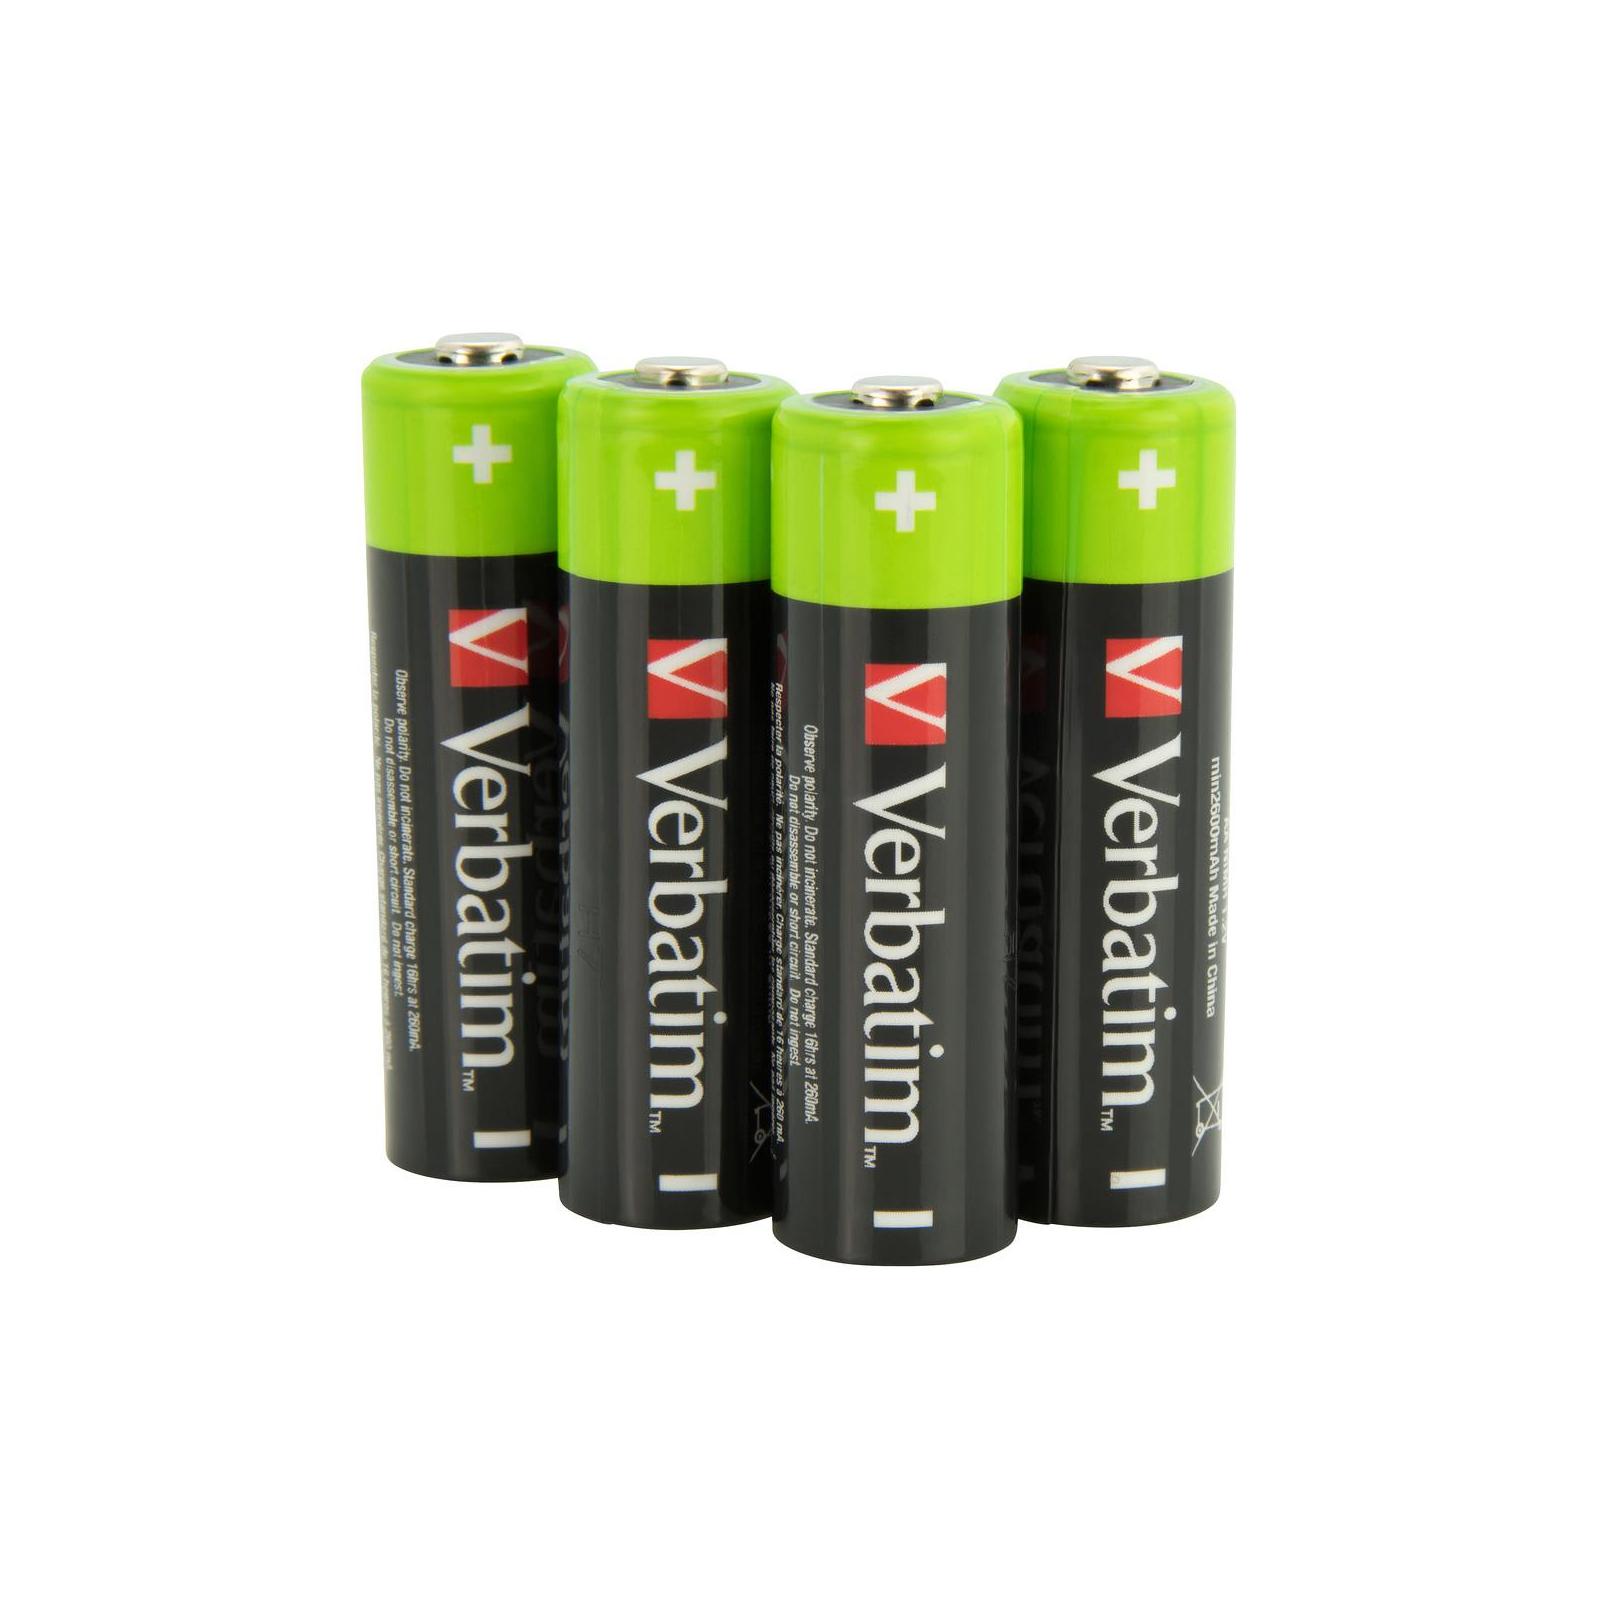 Аккумулятор Verbatim AA 2500mAh * 4 (49941) изображение 2